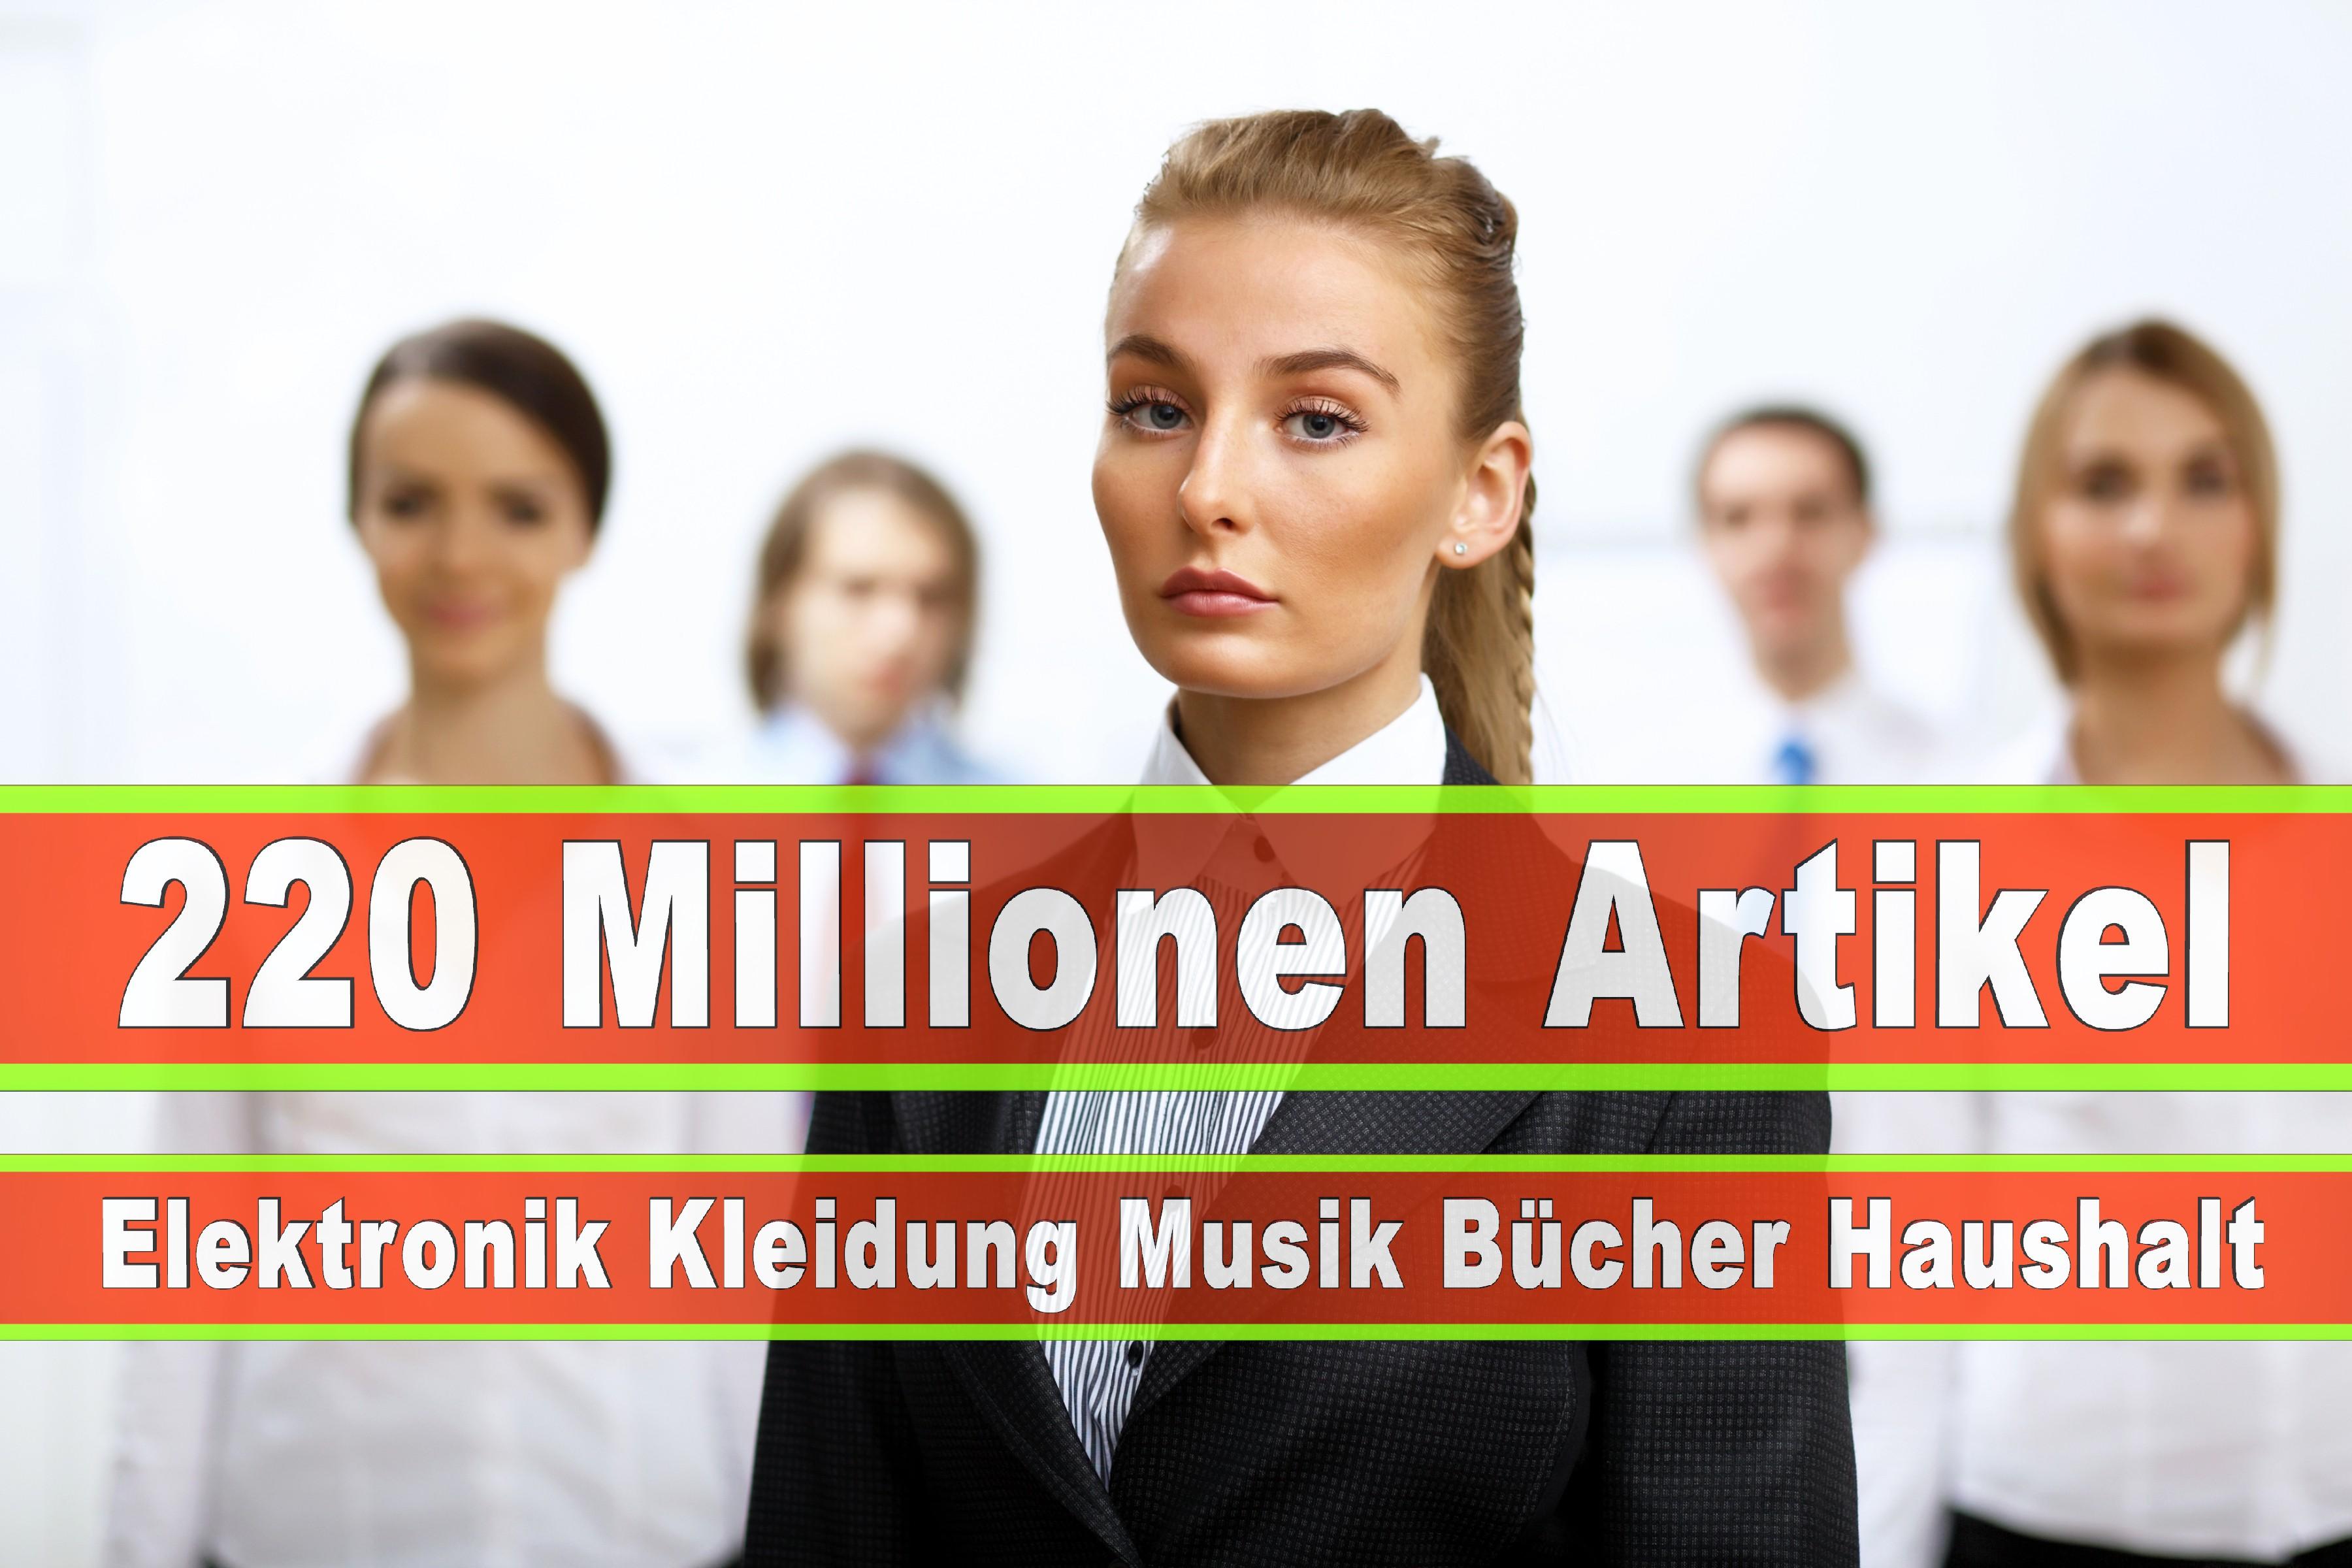 Amazon Elektronik Musik Haushalt Bücher CD DVD Handys Smartphones TV Television Fernseher Kleidung Mode Ebay Versandhaus (137)